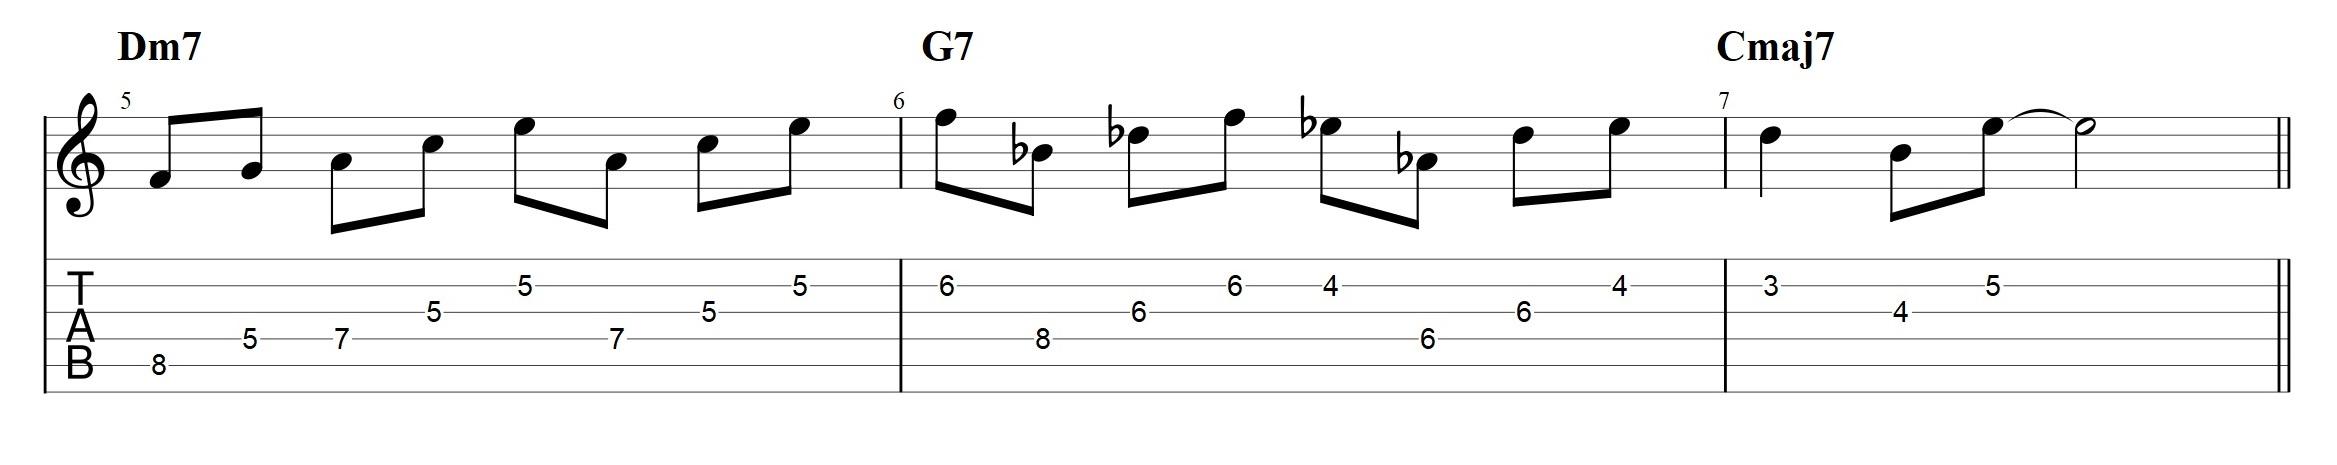 Triads - 5 Easy Exercises for Better Solos - Jens Larsen